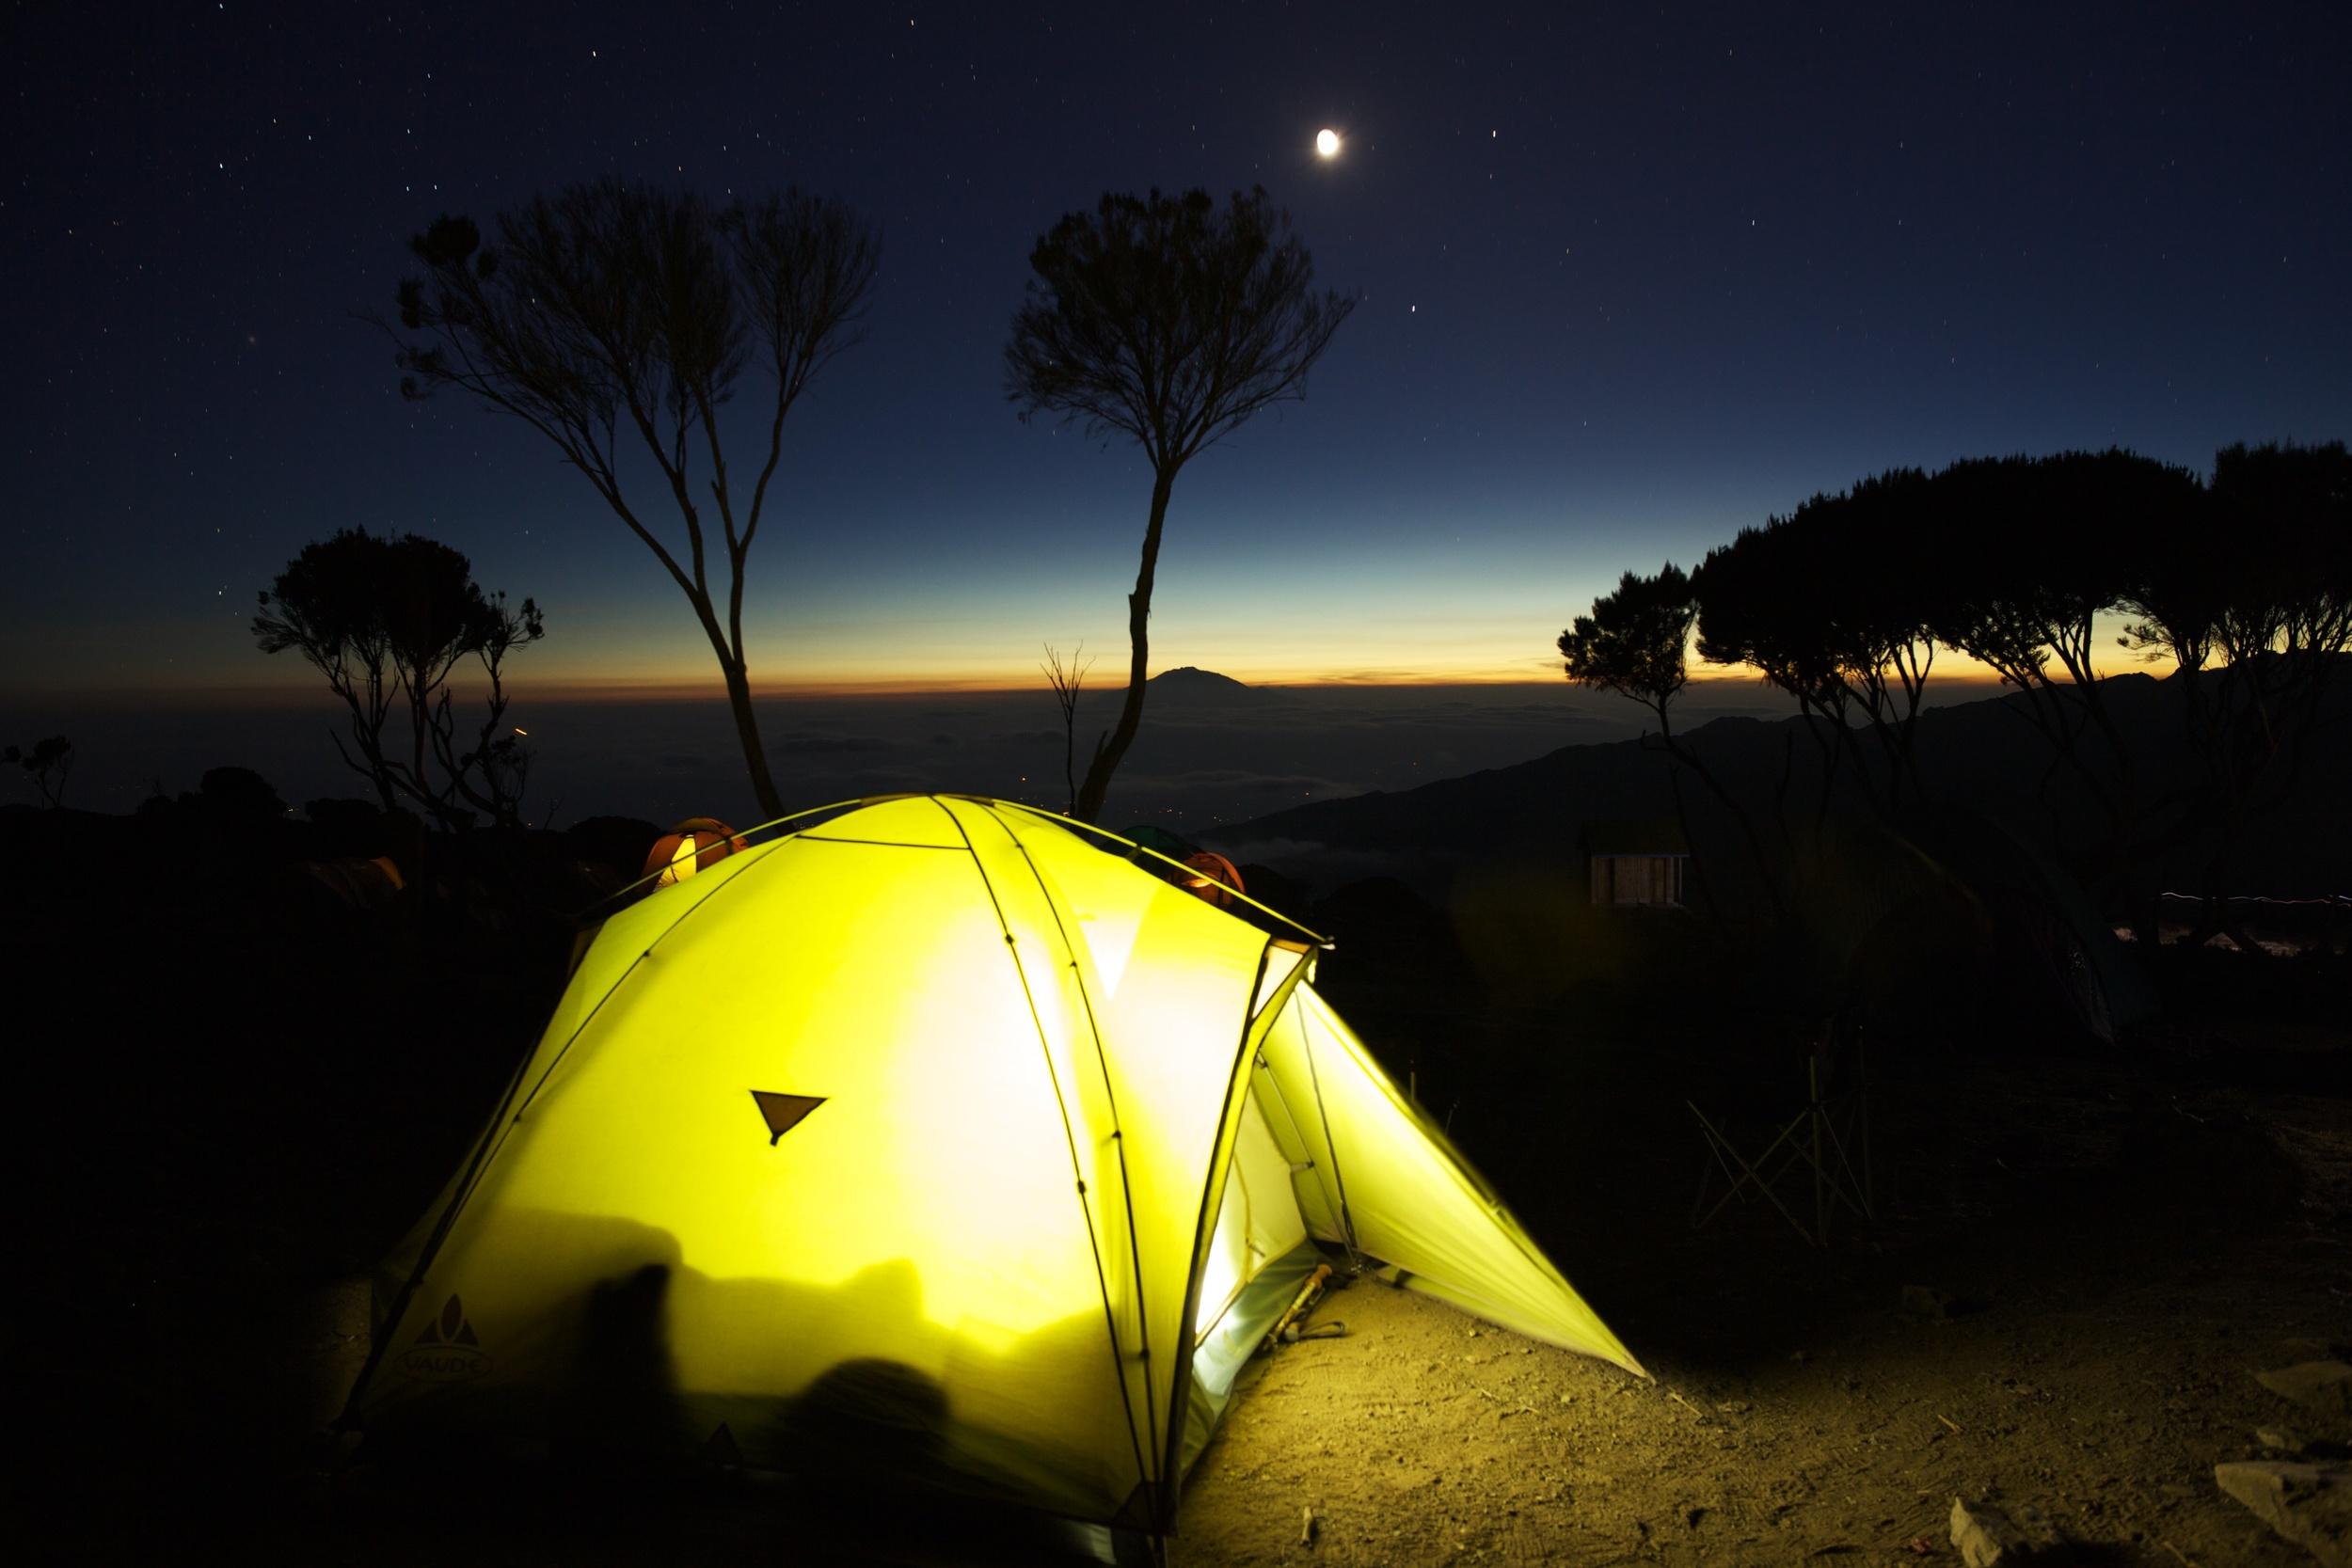 Shira Camp at dusk, 3940 asml, Kilimanjaro (TZ), Sep 2012